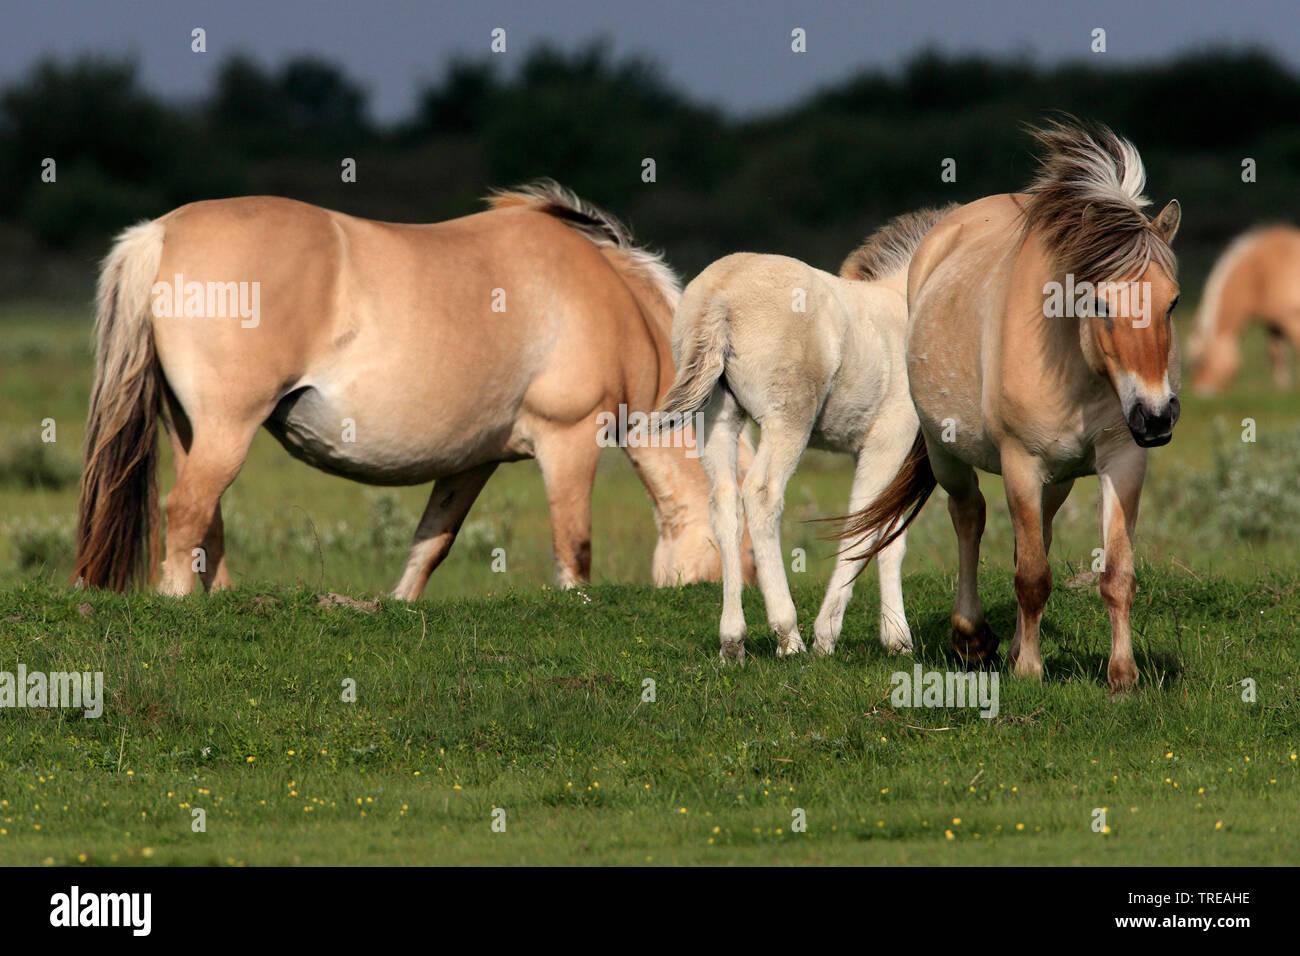 Norwegisches Fjordpferd, Norweger, Fjordpferd, Fjordpony (Equus przewalskii f. caballus), Fjordpferdstuten mit einem Fohlen auf einer Weide, Niederlan - Stock Image